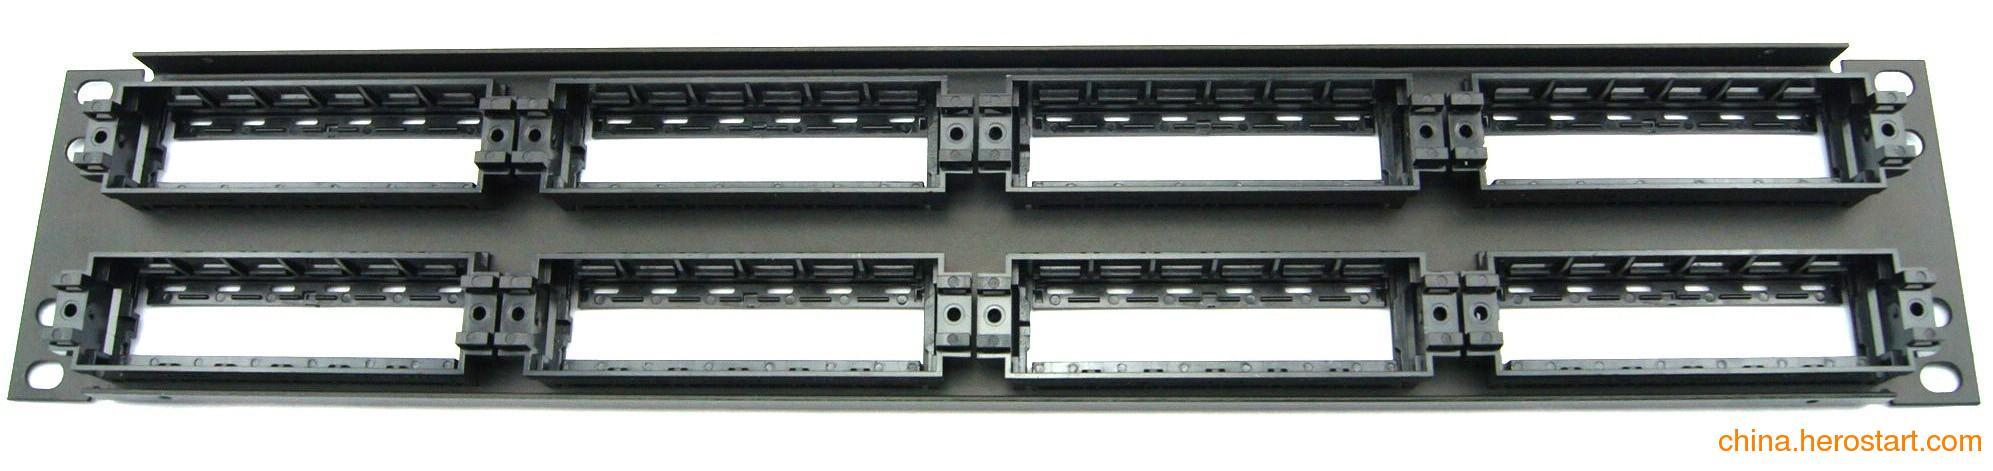 供应AMP(安普)六类48口配线架 品牌促销